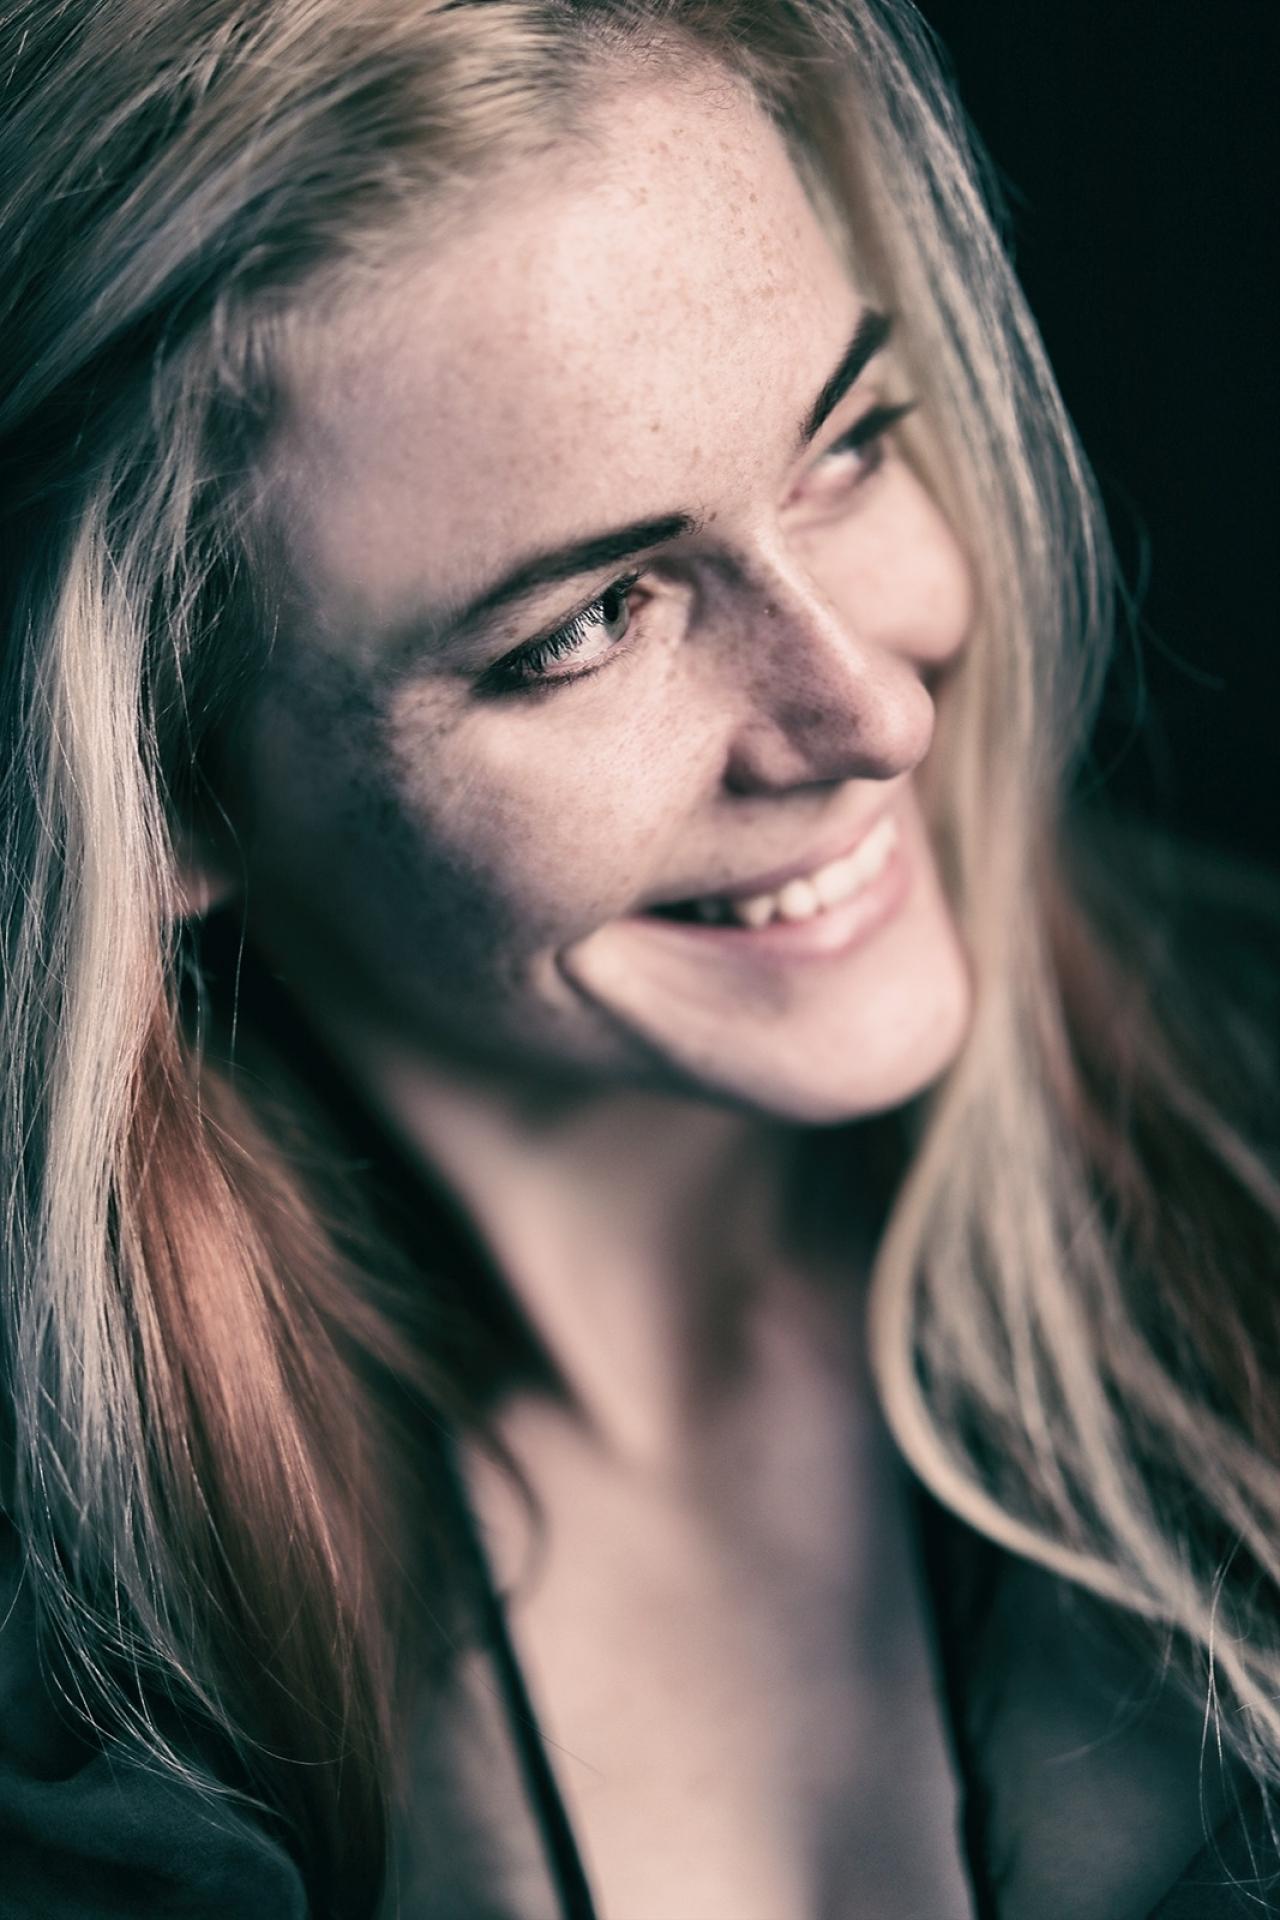 Attraktive Offenblende: Portraits bei Blende 1,4 - Canon Academy Portrait